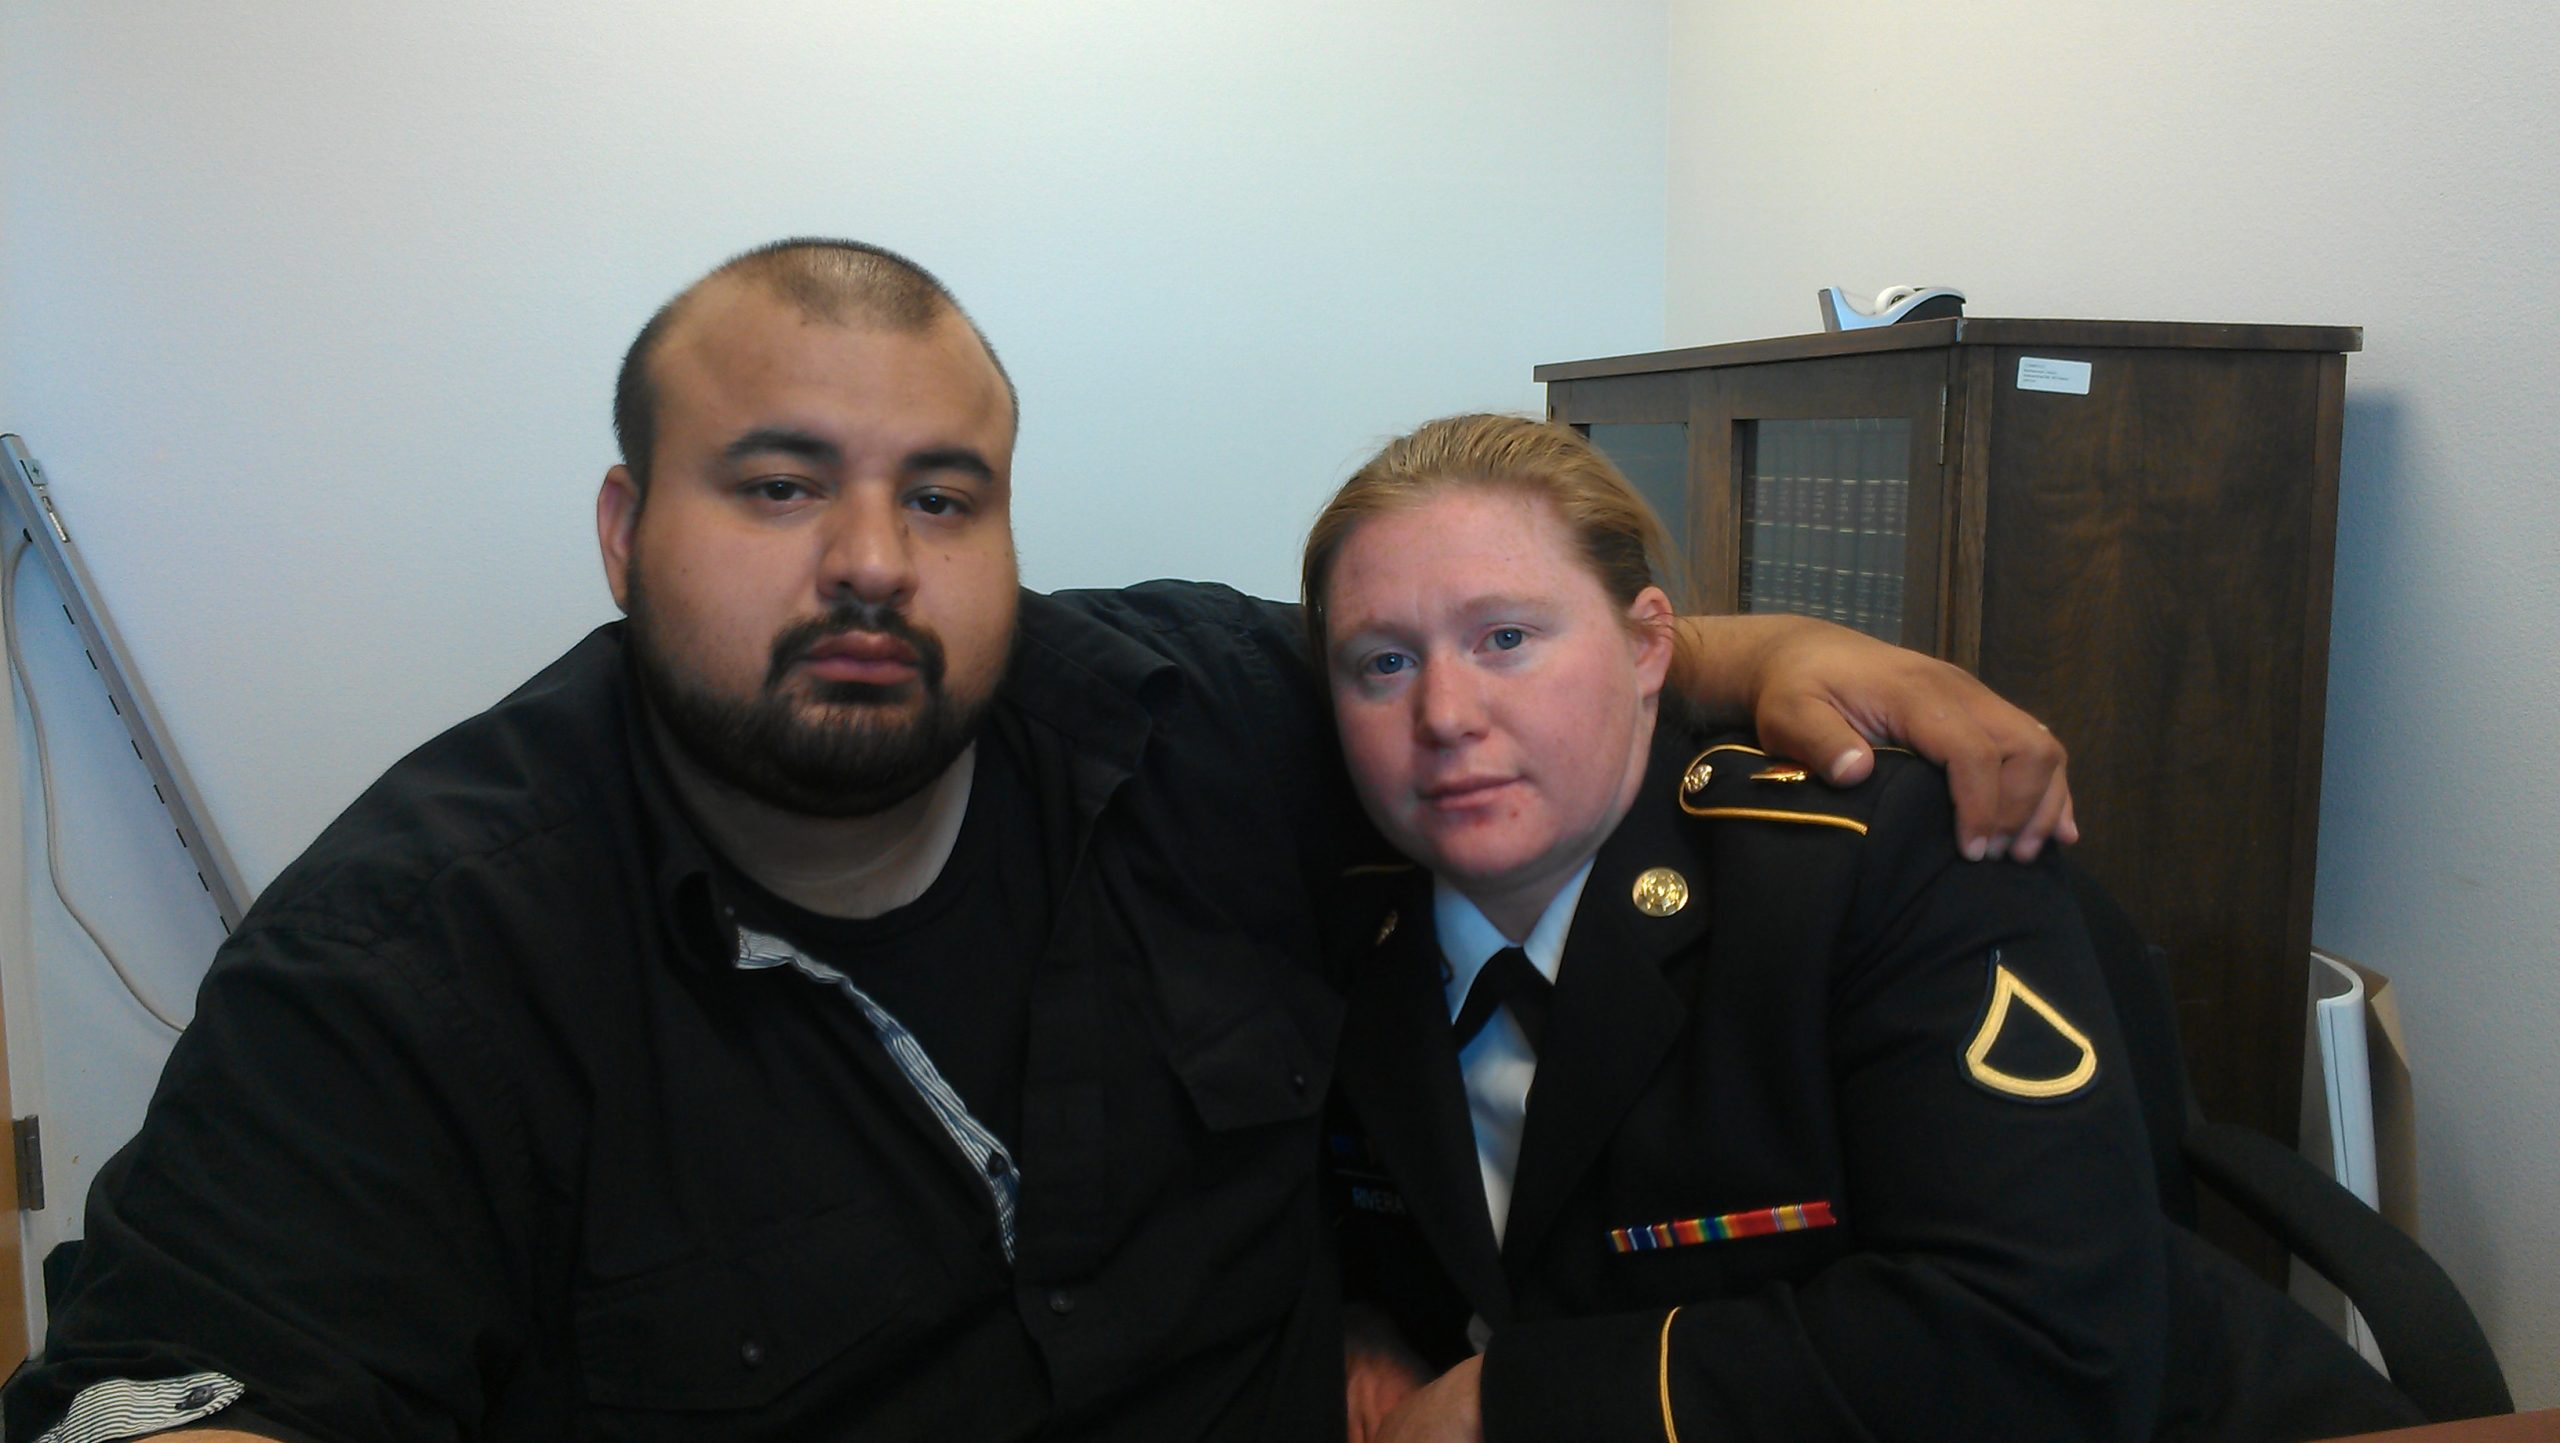 Mario and Kimberly Rivera